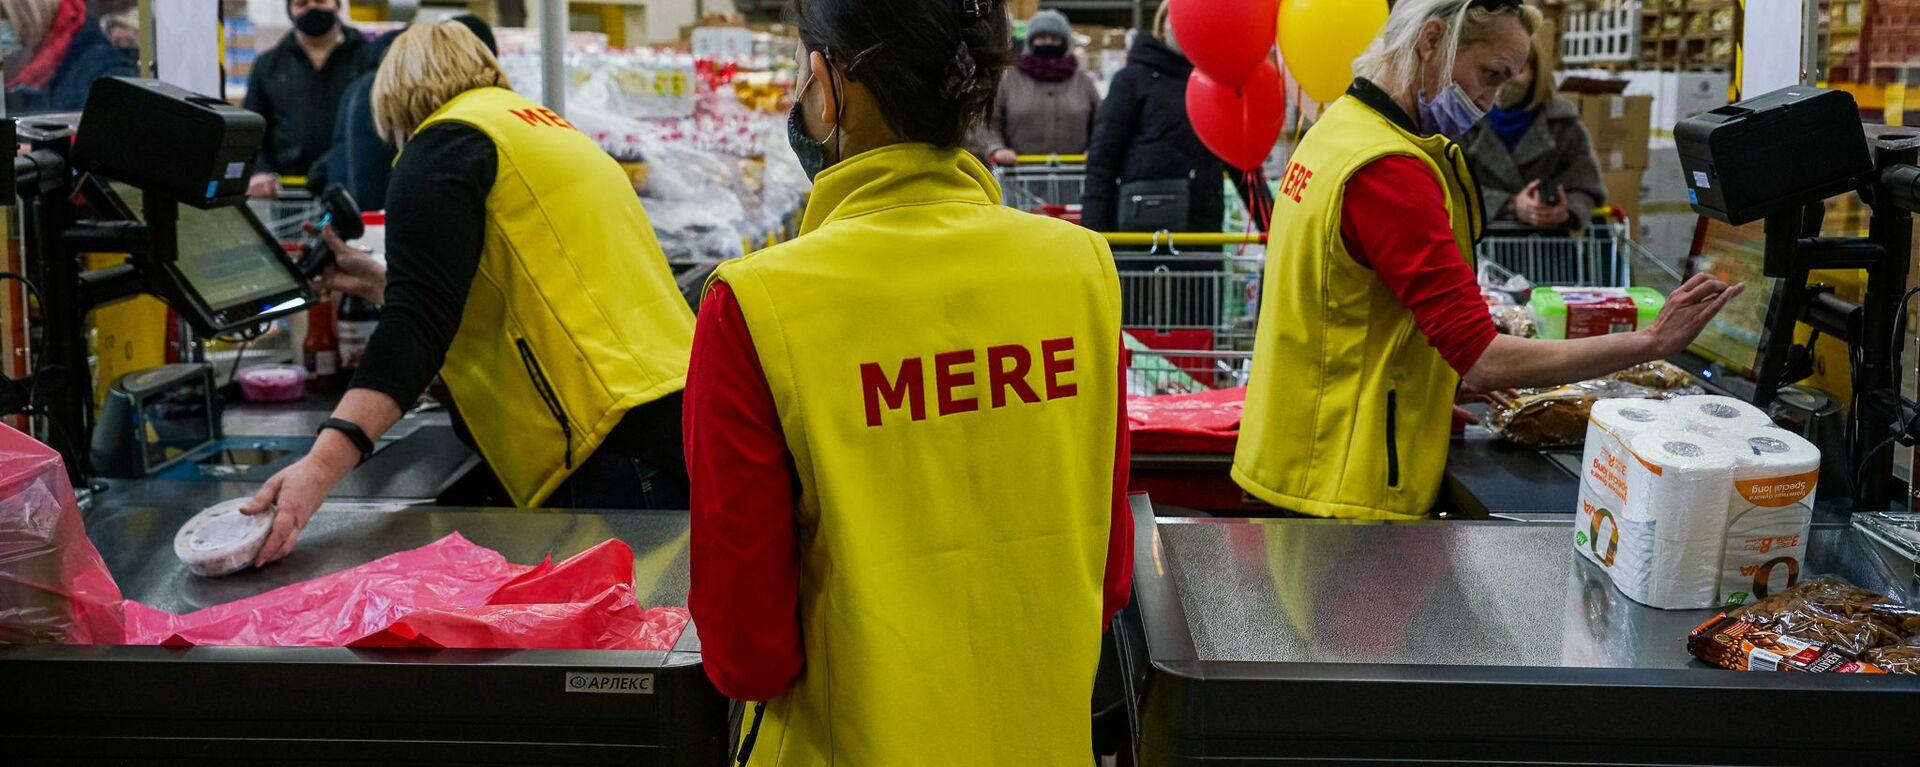 В Риге открылся российский магазин-дискаунтер торговой сети Mere - Sputnik Latvija, 1920, 23.03.2021